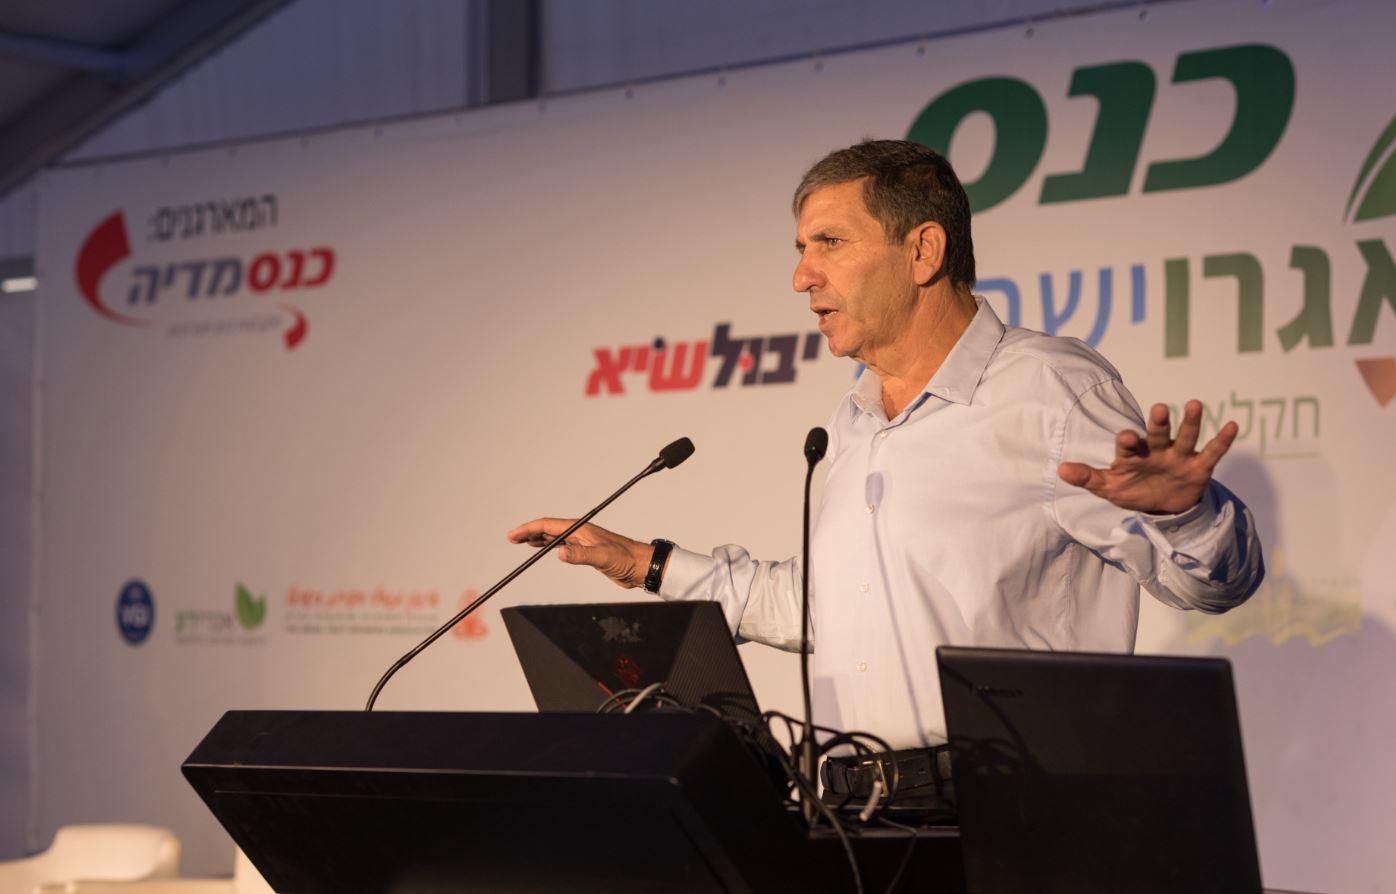 דני עטר יור קקל תערוכת אגרו ישראל